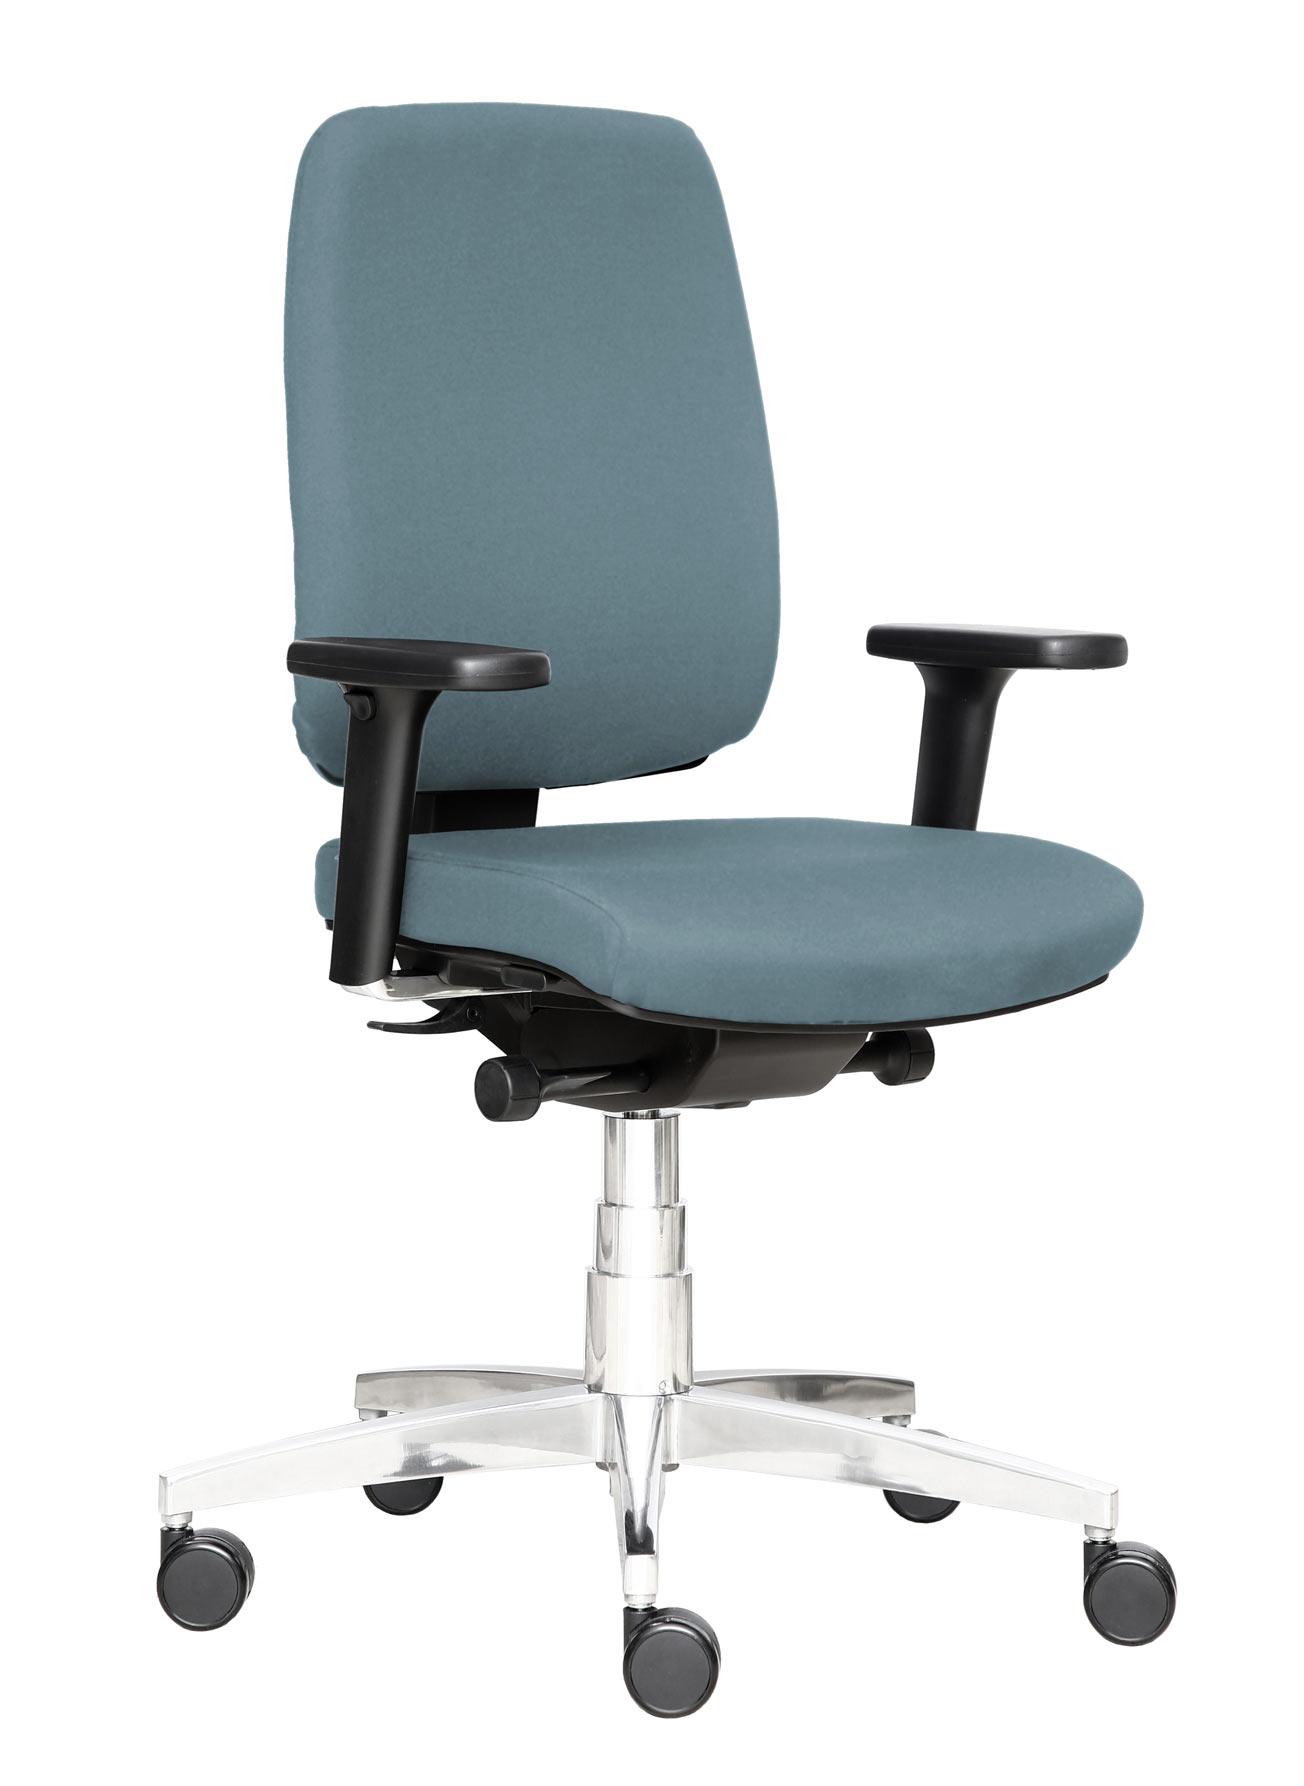 Sedia Da Ufficio Con Ruote.Bb129 Sedia Da Ufficio